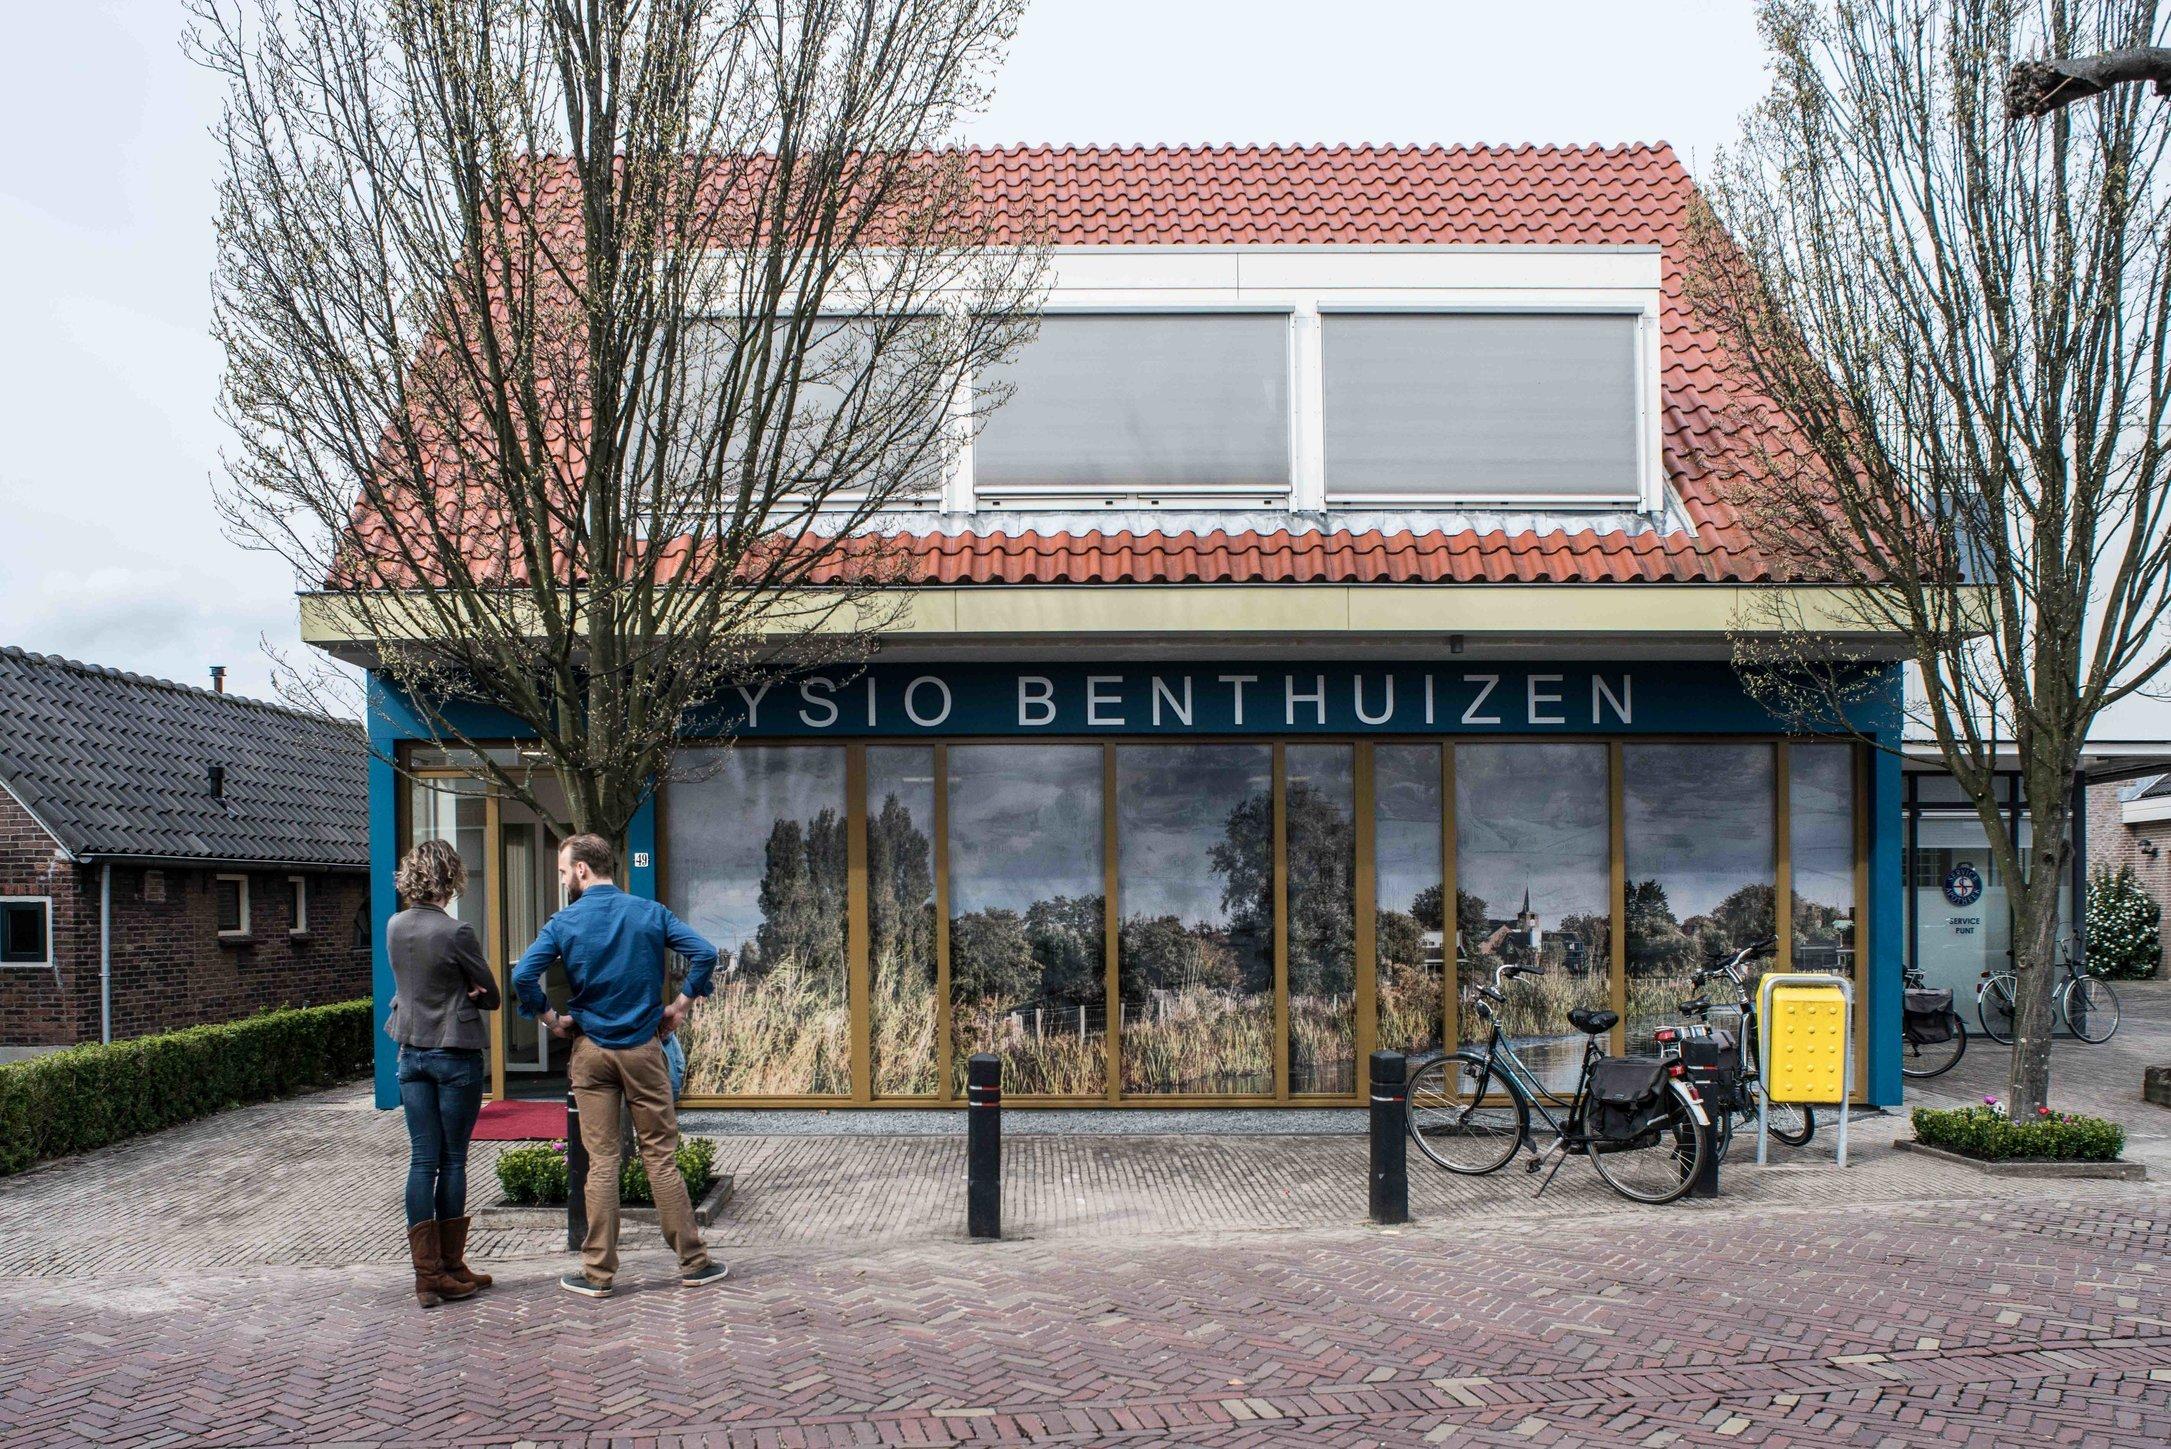 Fysio benthuizen-4.jpg